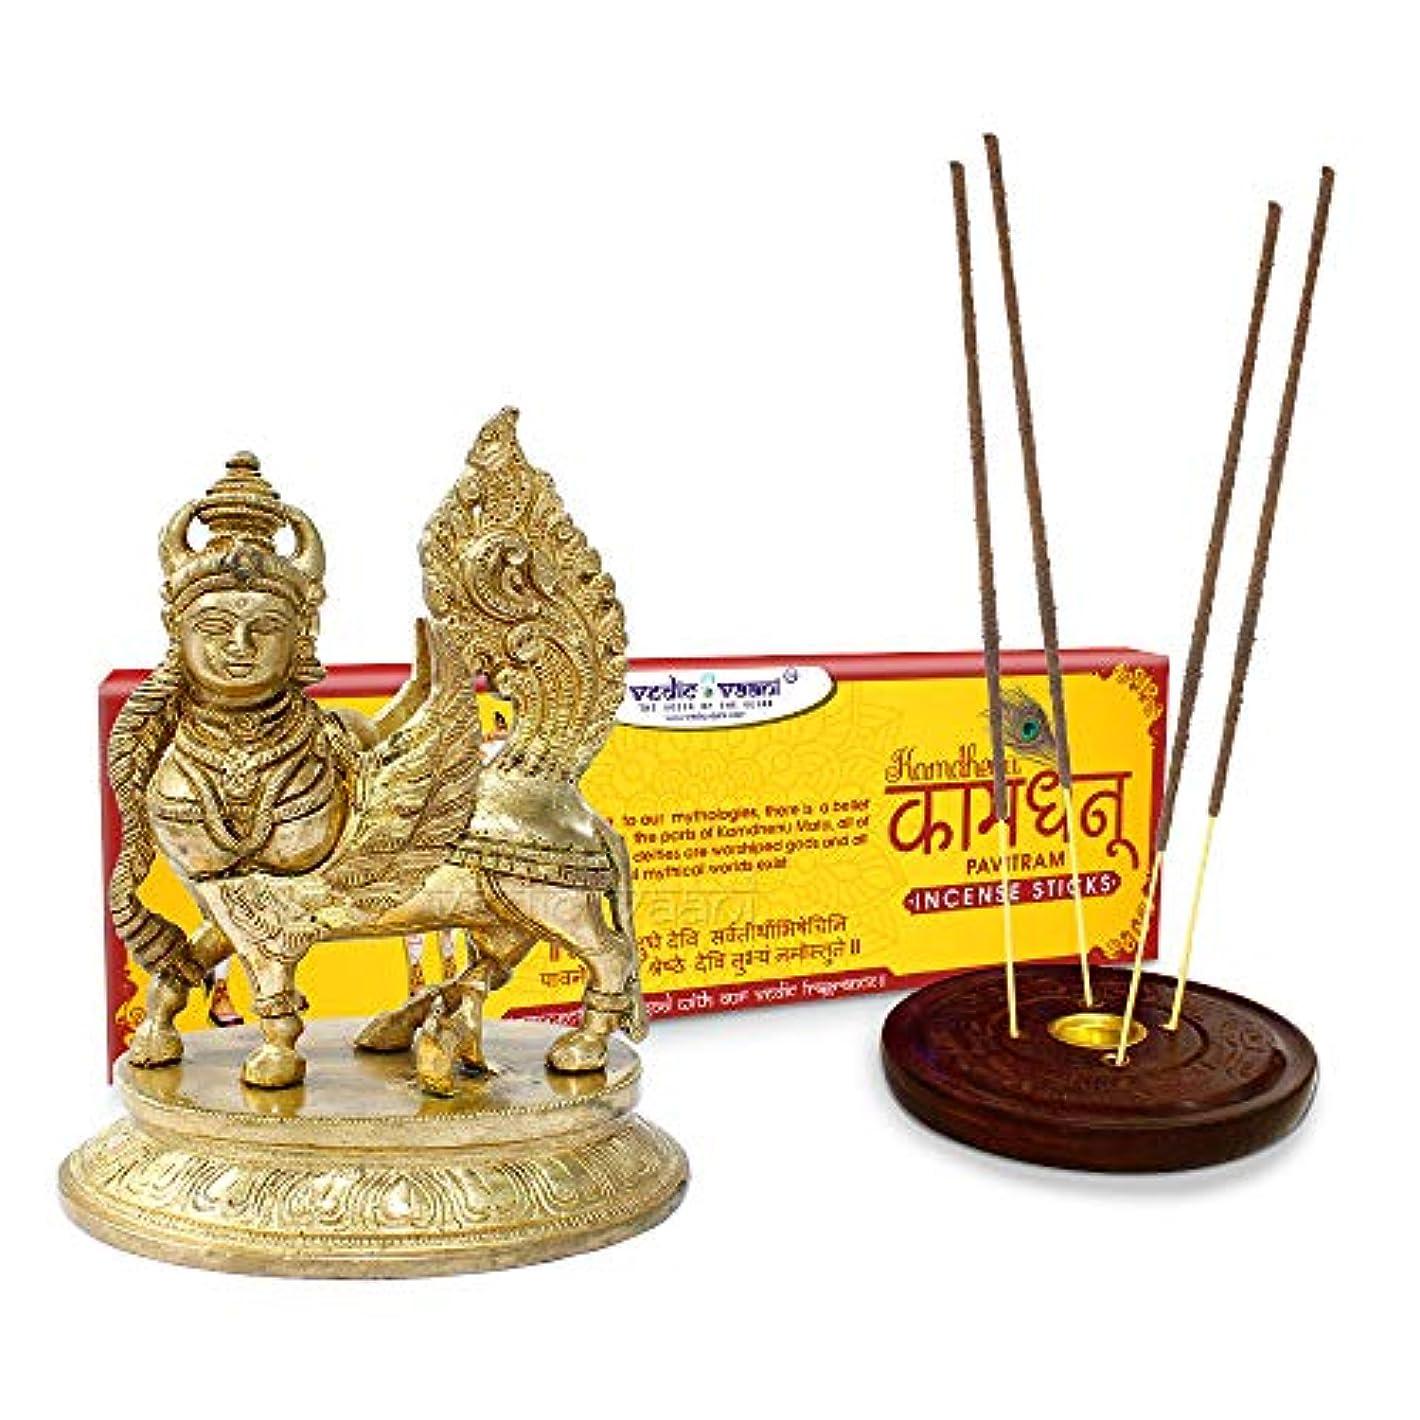 抑圧者男らしいナチュラVedic Vaani Kamdhenu Idol 真鍮製 Kamdhenu お香スティック